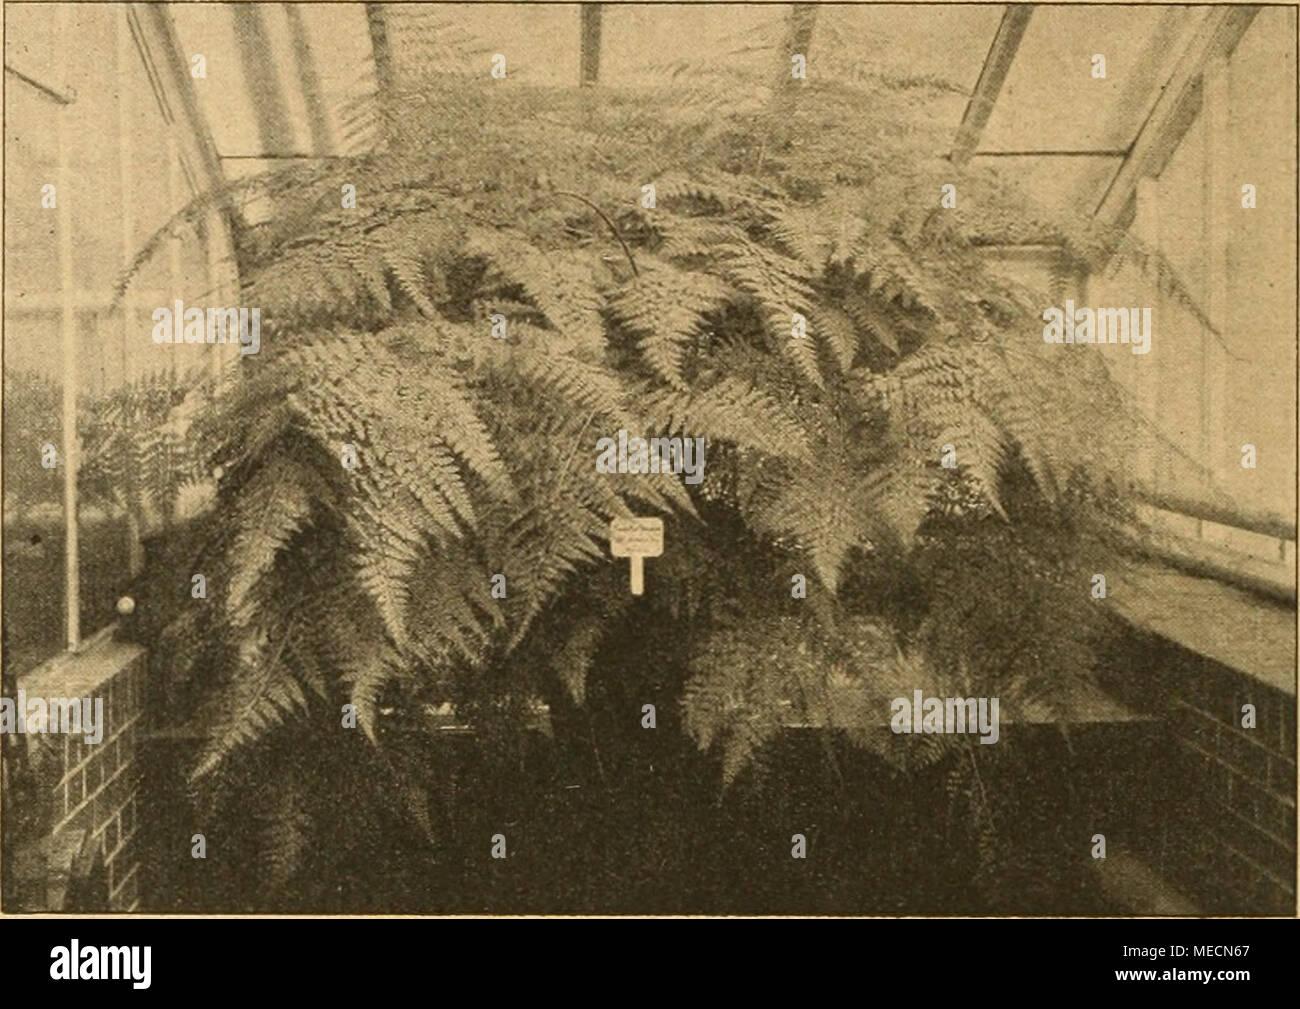 """. Die Gartenwelt . Abb. 1. Davallia pallida (D. Mooreana). Schaupflanze von 2 m Durchmesser. Nach einer vom Verfasser im Palmengarten Frankfurt a. M. für die """"Gartenwelt"""" gef. Aufn. Kultusministerium zuständigen Berufen zu unterstehen, weil dort Kunst und Wissenschaft amtlich betreut wird, so würde idi das als einen Irrtum bezeichnen müssen; denn die Gleichstellung hängt von der gleidien wissenschaftlichen Vorbildung ab, sobald ein gärtnerischer Beamter mit anderen, z. B. Baubeamten, in Vergleich kommt. Der höhere Baubeamte hat eben die Hochschulbildung mit allen Vorbildungsvoraussetzunge Stock Photo"""